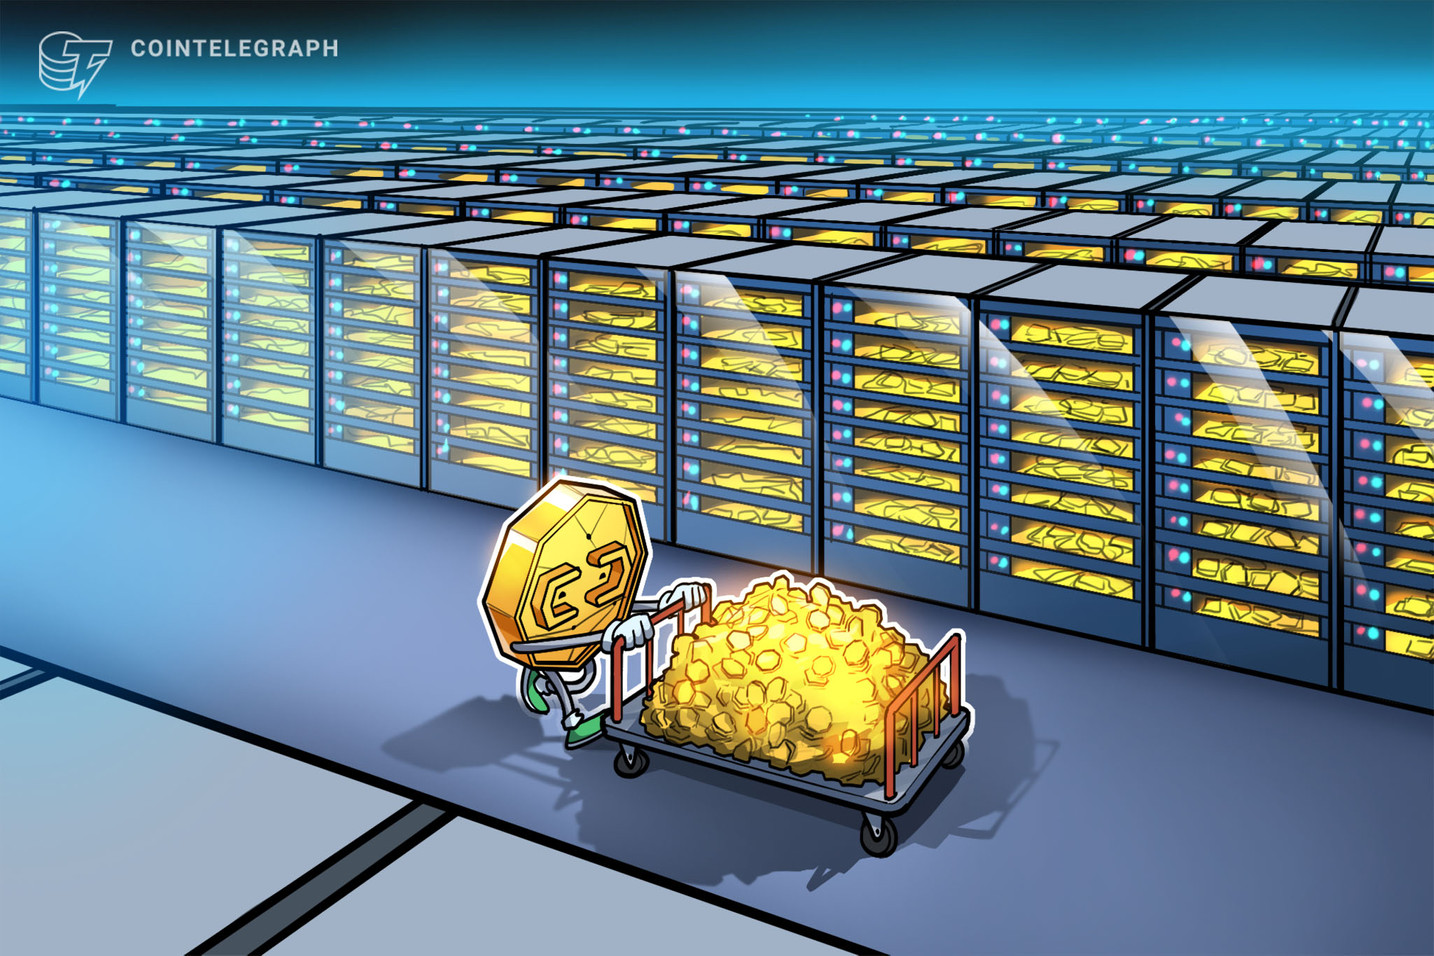 Nueva encuesta revela que el 62% de las instituciones comenzarán a invertir en criptomonedas en un año